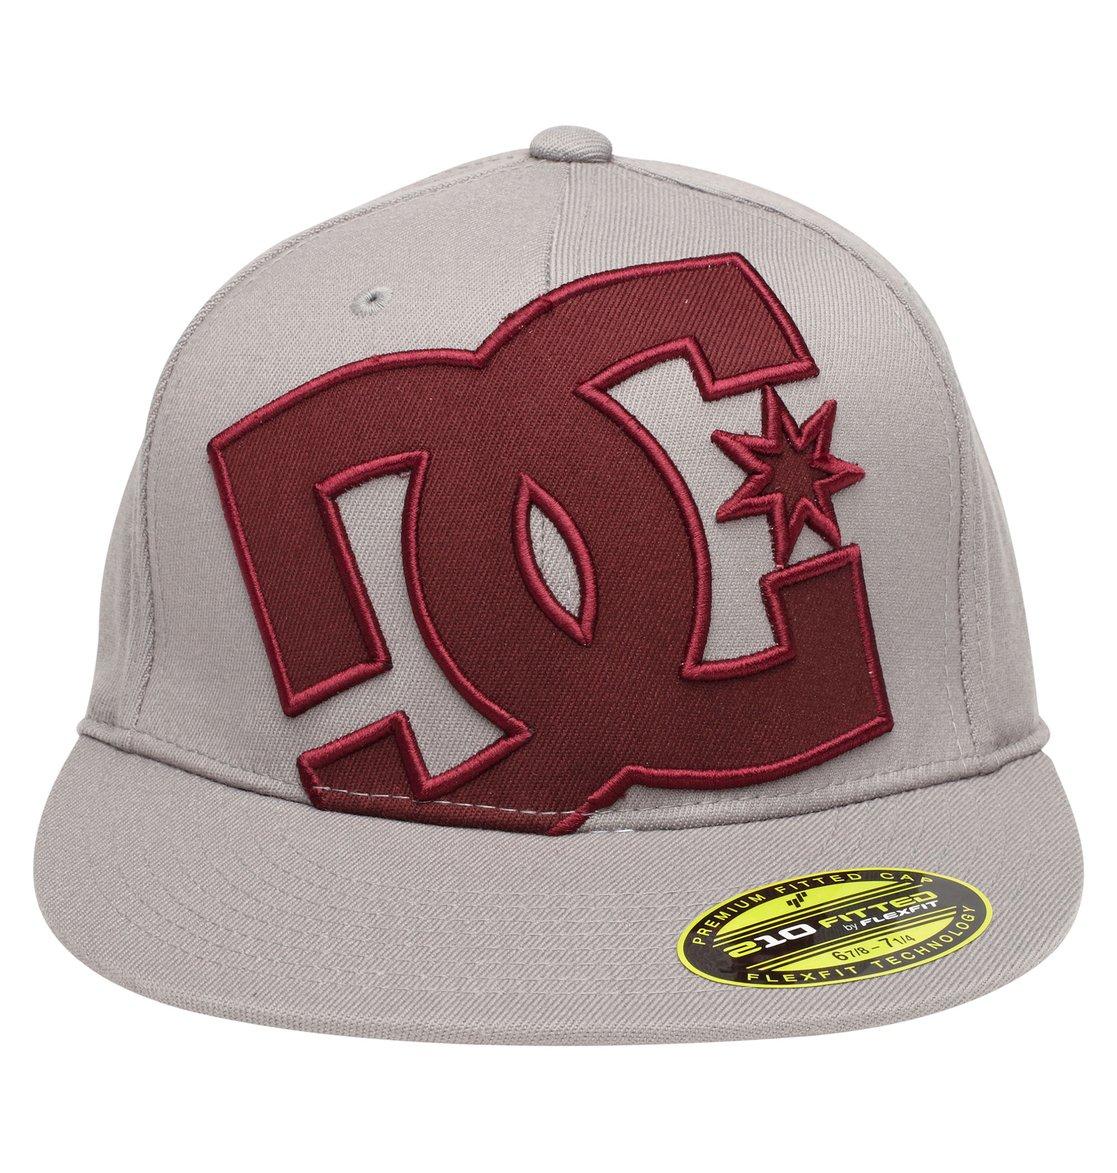 0 Men s Ya Heard 210 Flex Fit Hat 51300103 DC Shoes 010726c84a89